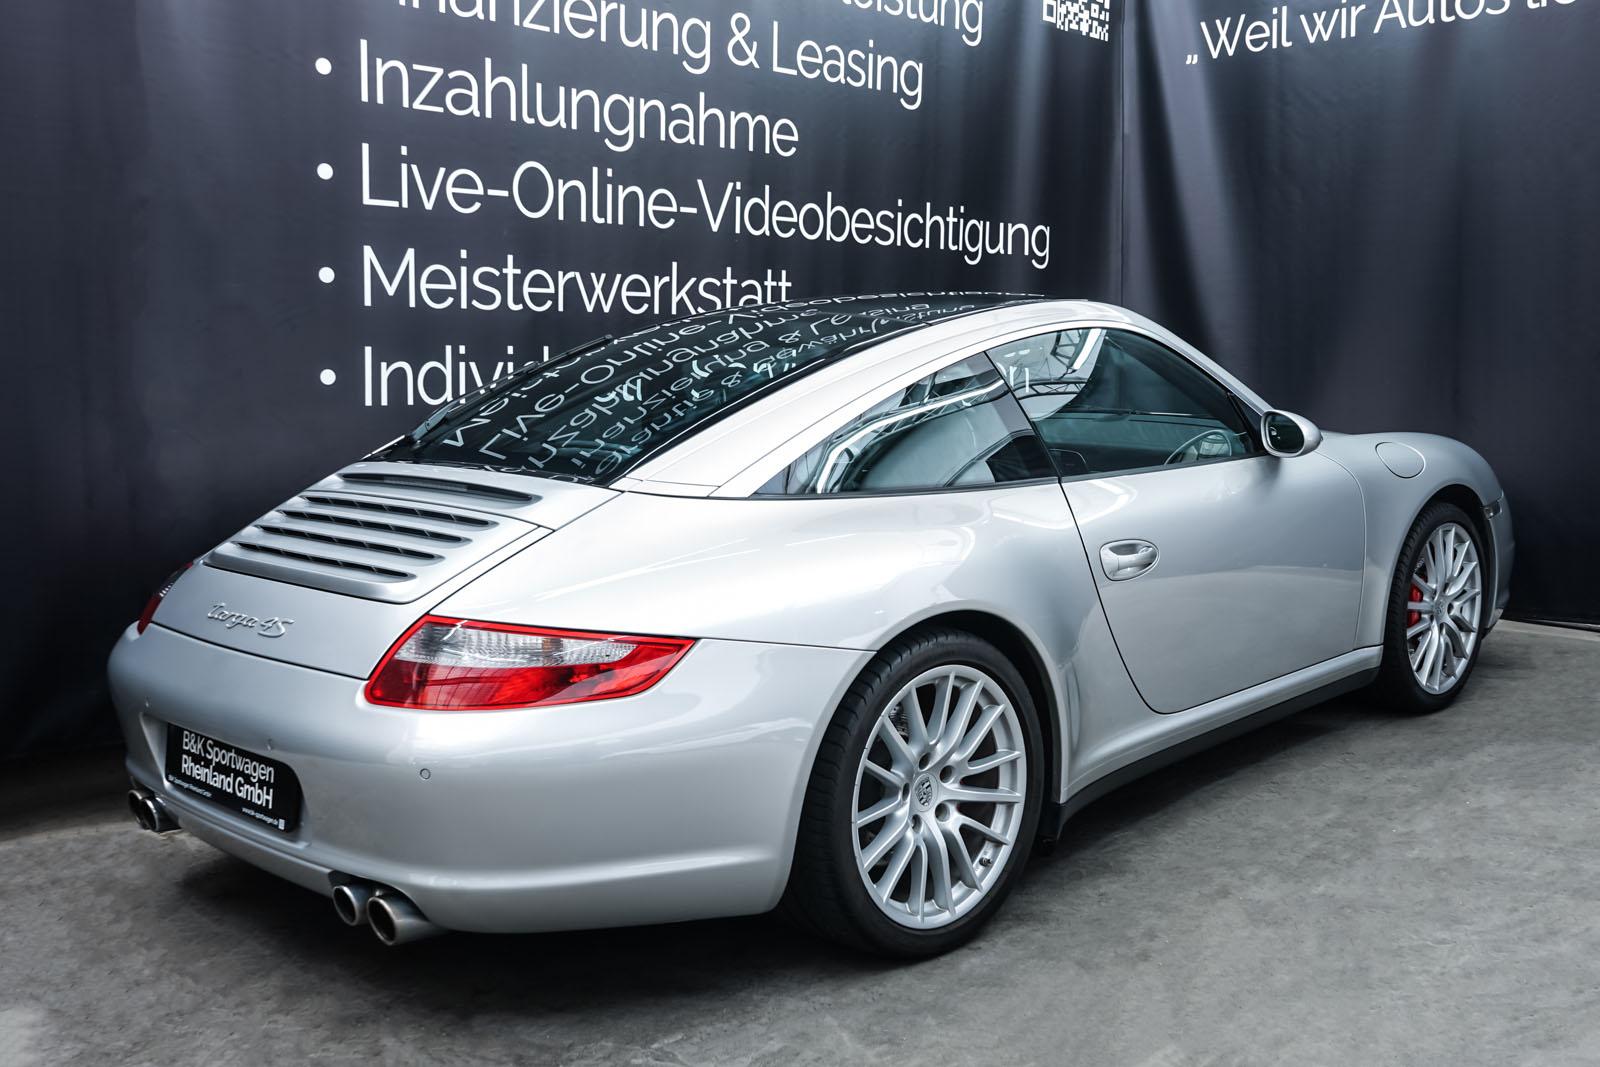 Porsche_997_Targa4s_Silber_Grau_POR-0477_15_w